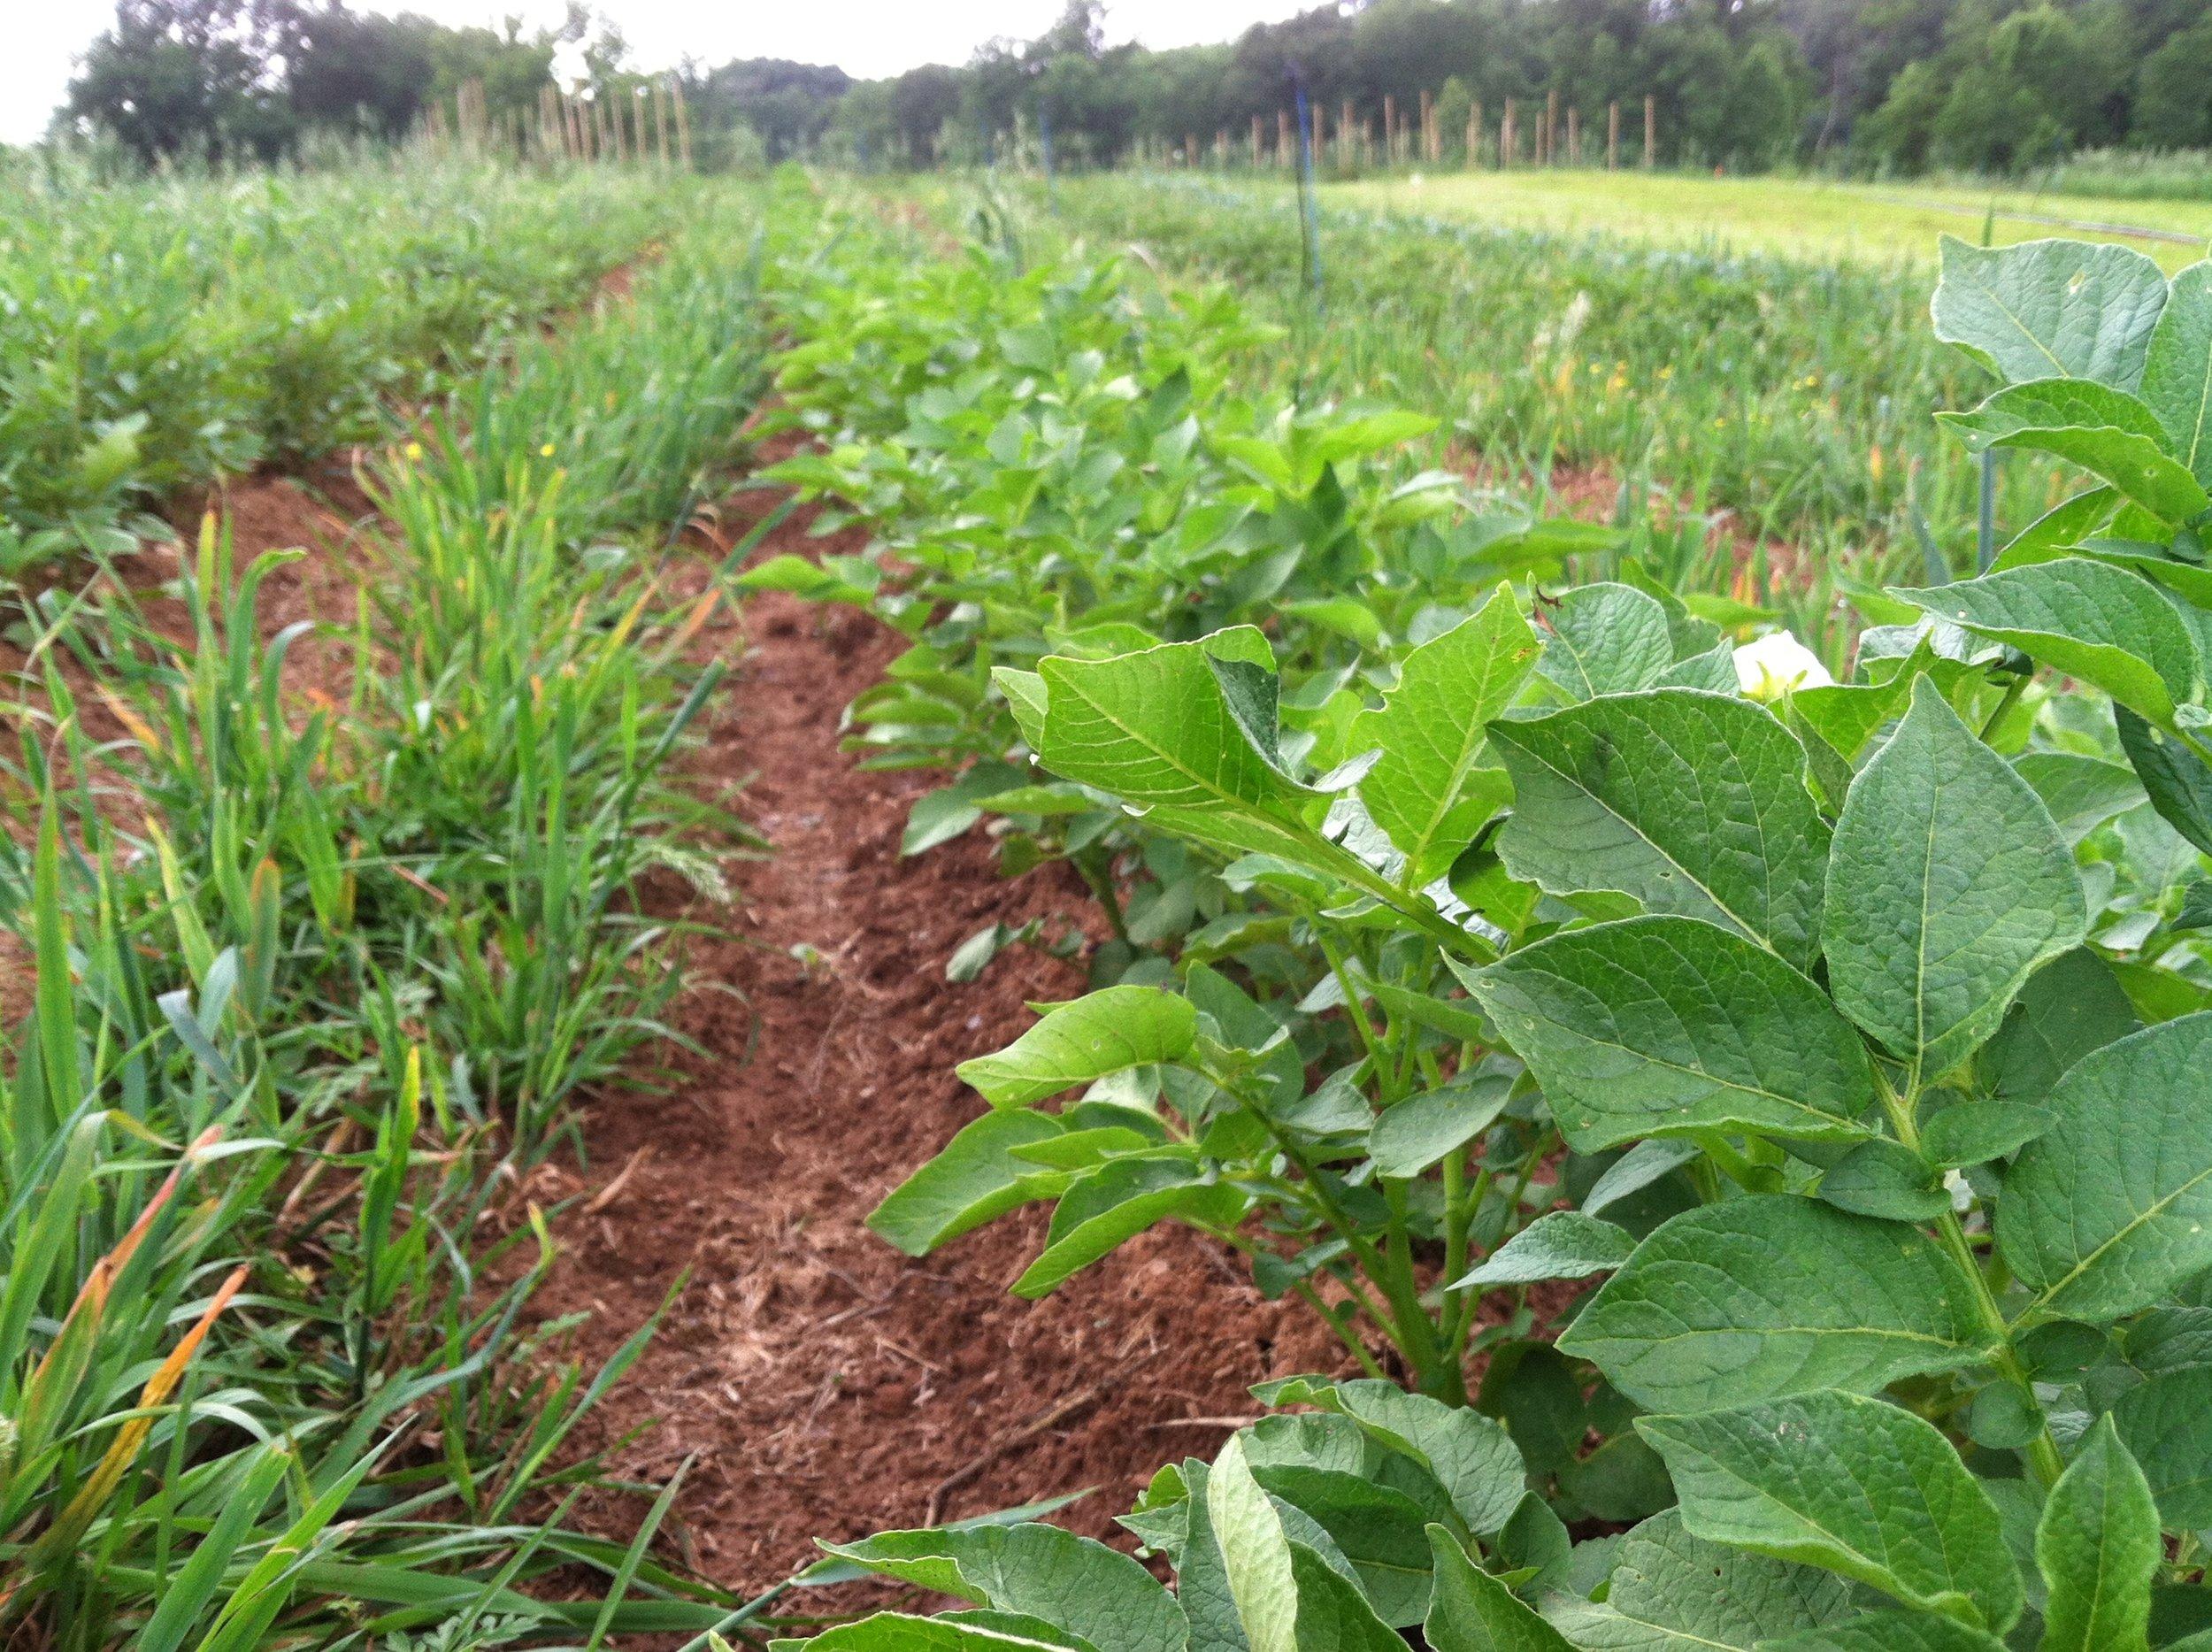 It's always nice to enjoy the potato greenery before colorado potato beetles spoil the party. :)